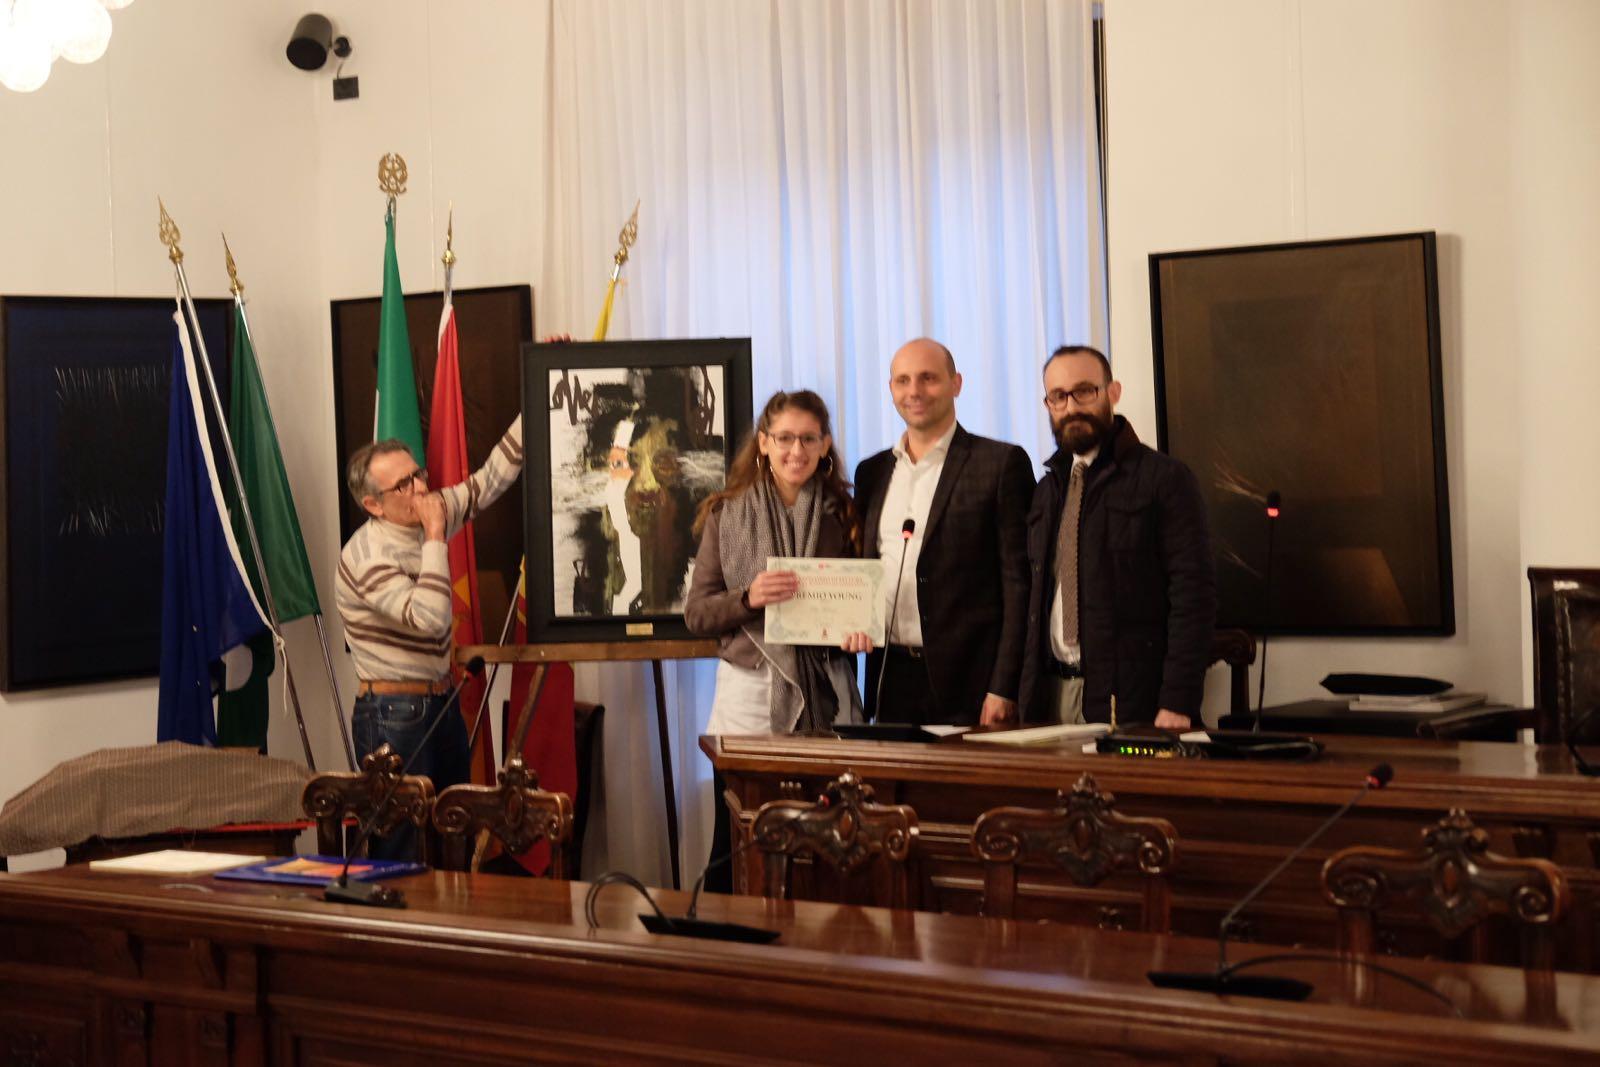 La vincitrice del Premio Giovani, Elisa Vavassori